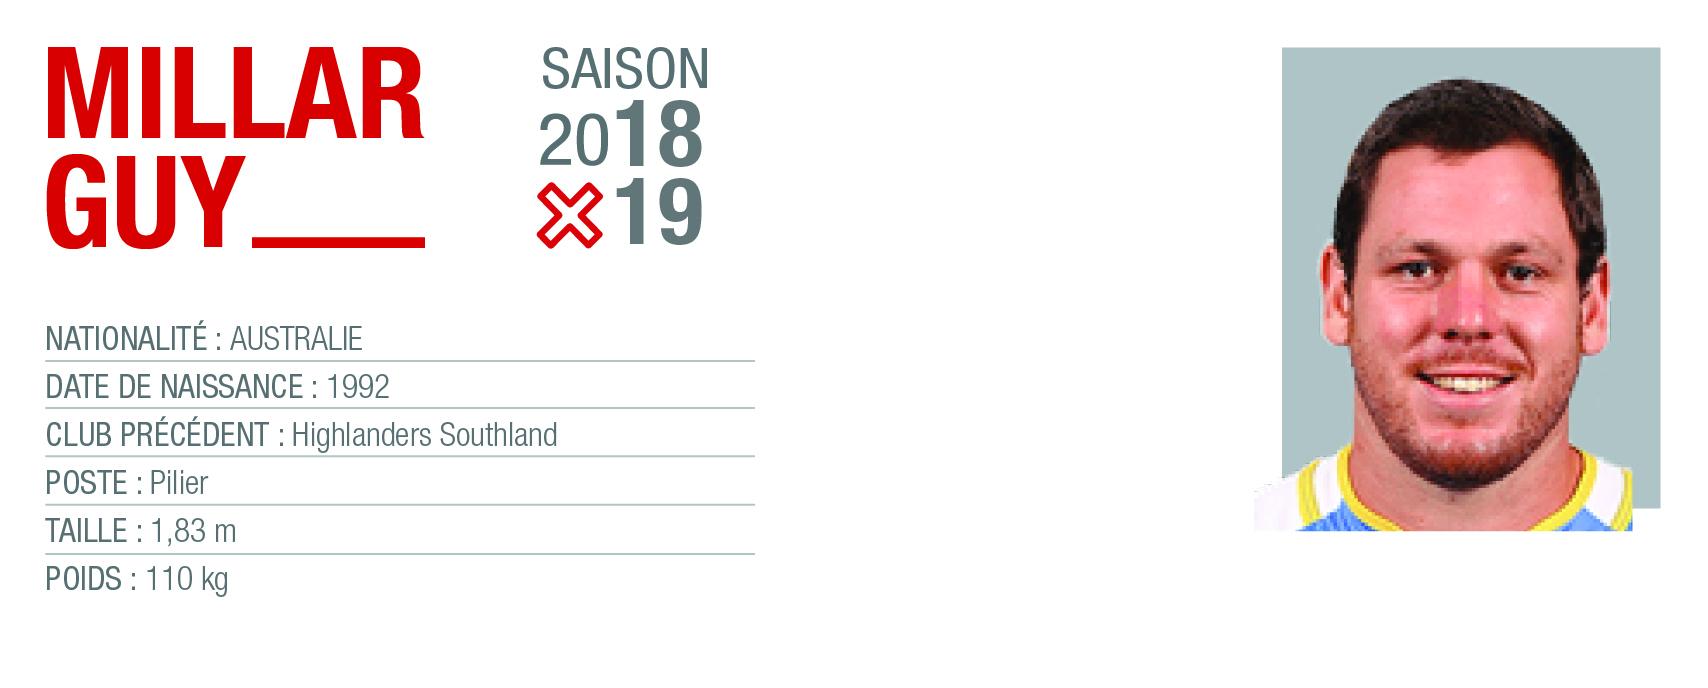 SAISON 2018 - 2019 - Page 2 5b2392e99d579c693939fc49